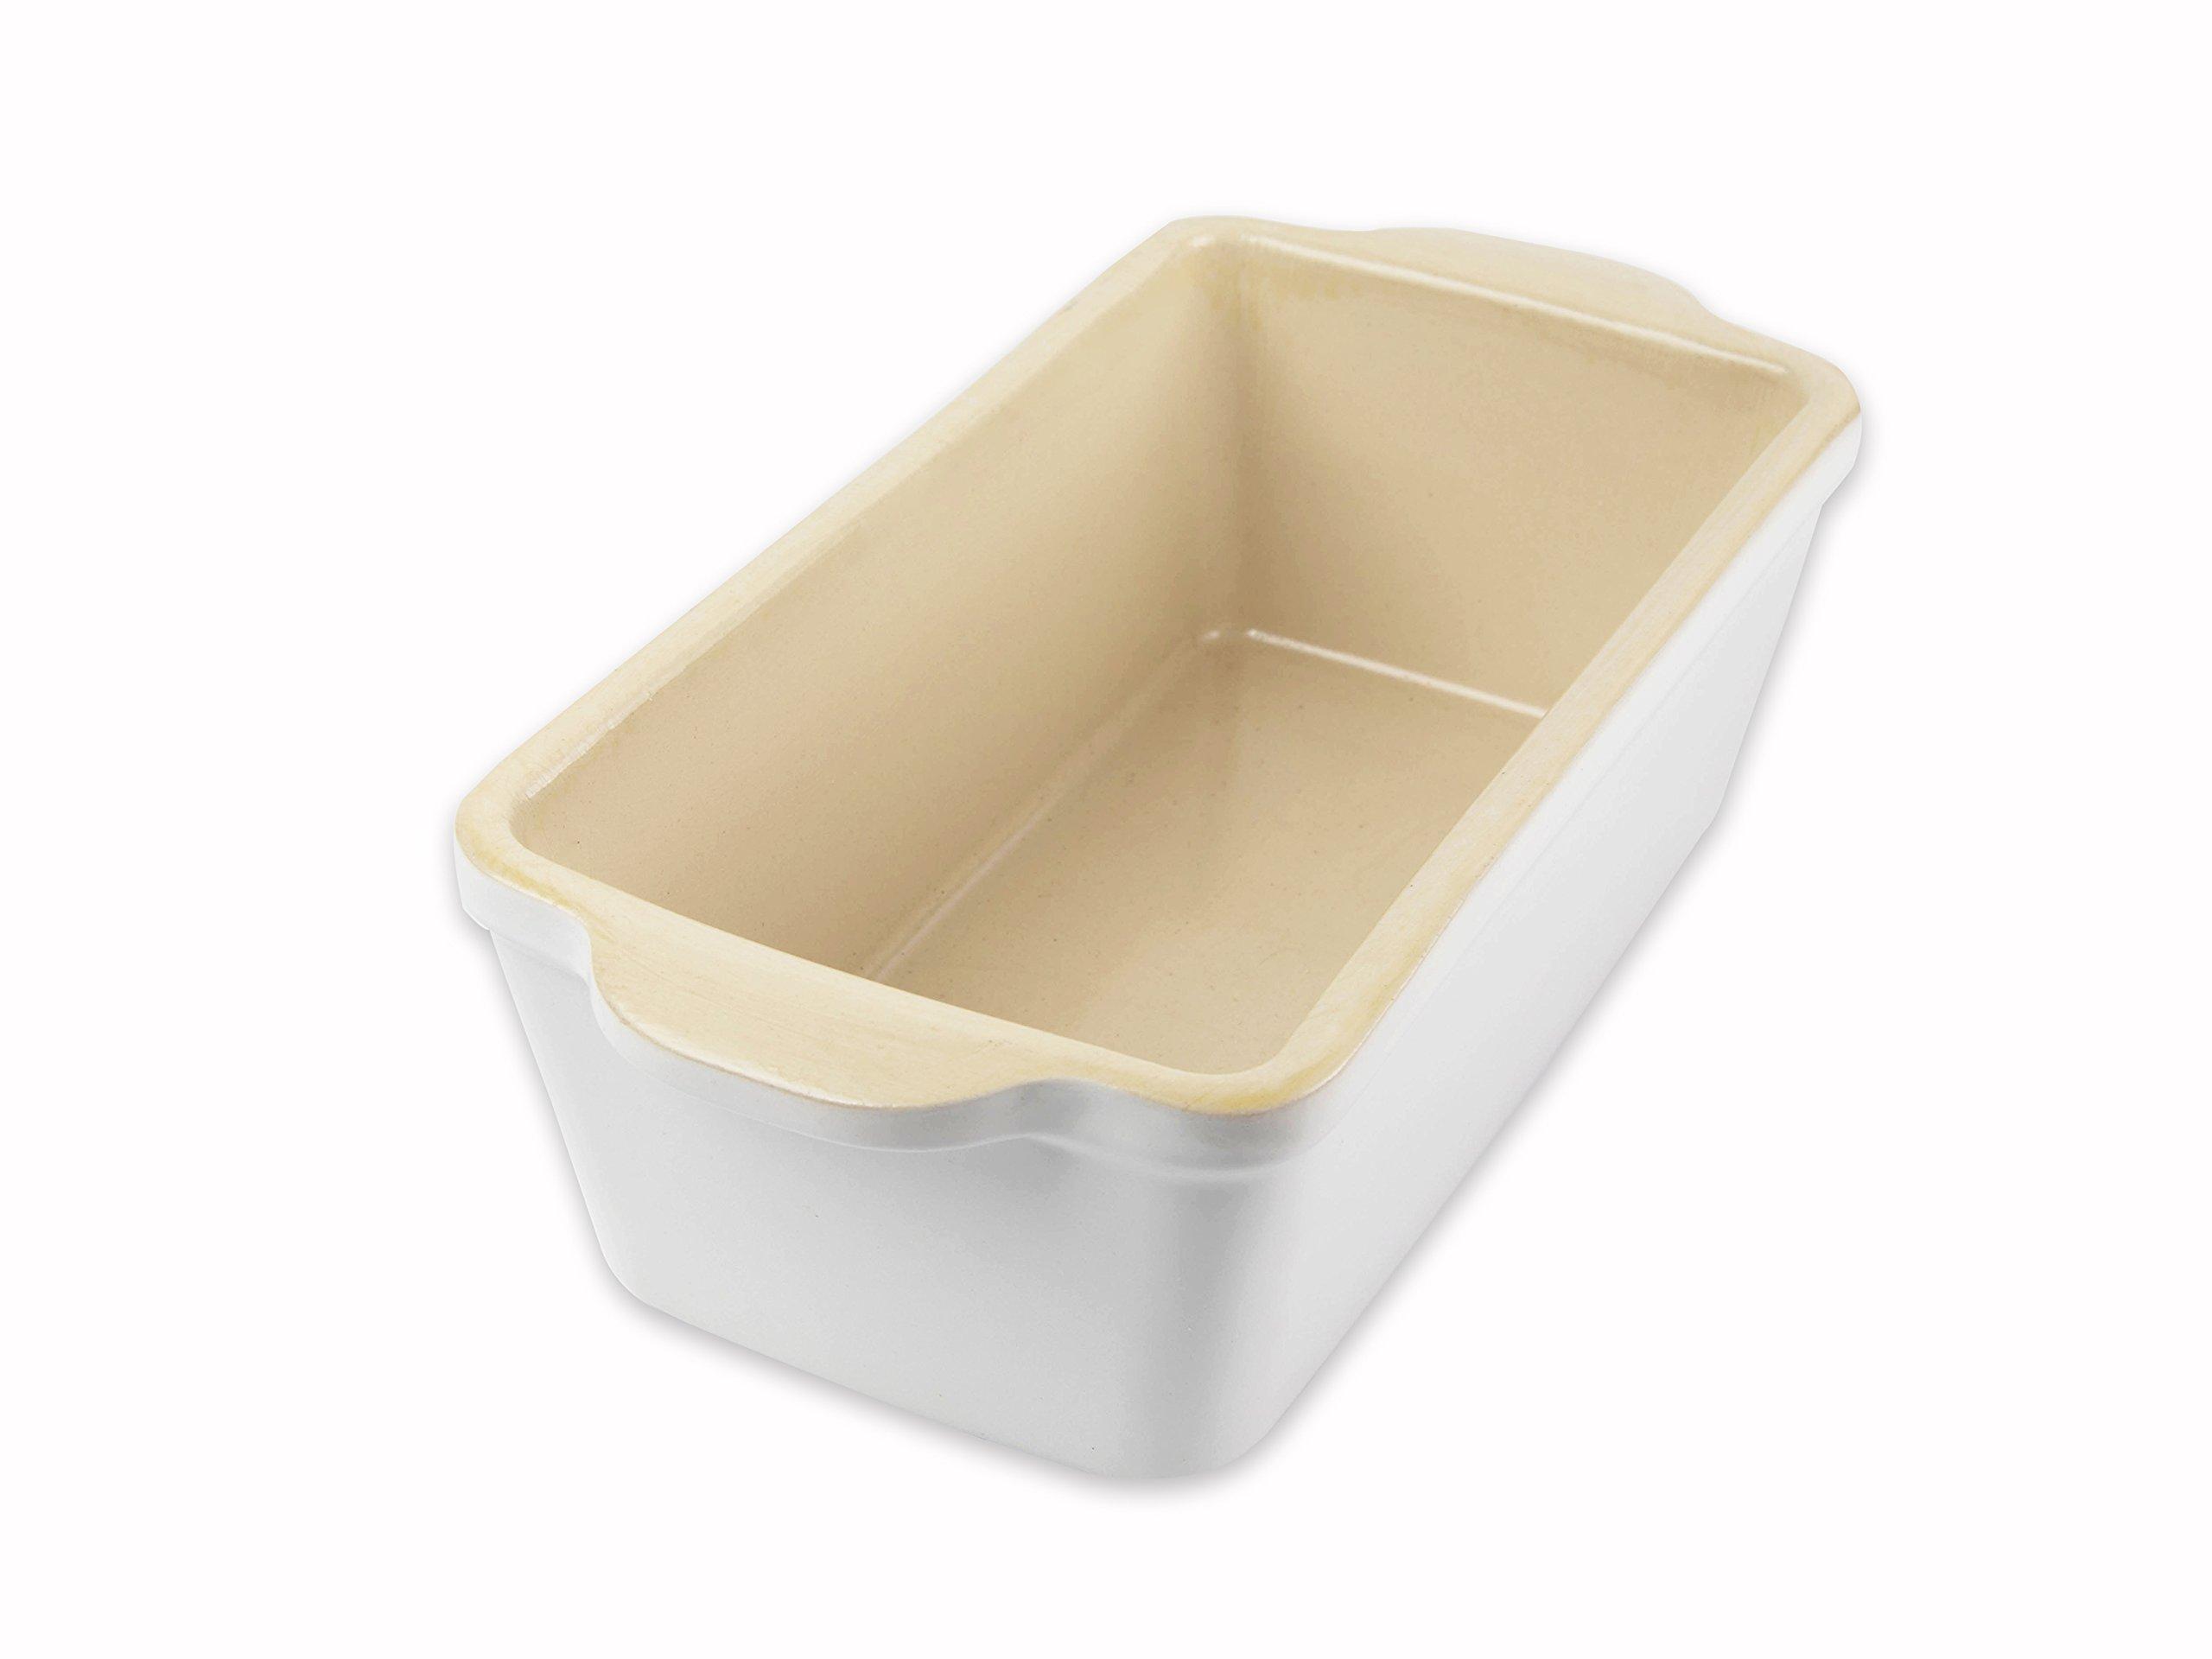 USA Pan 1140LF-SW-W Stoneware Loaf Baking Dish, Pan